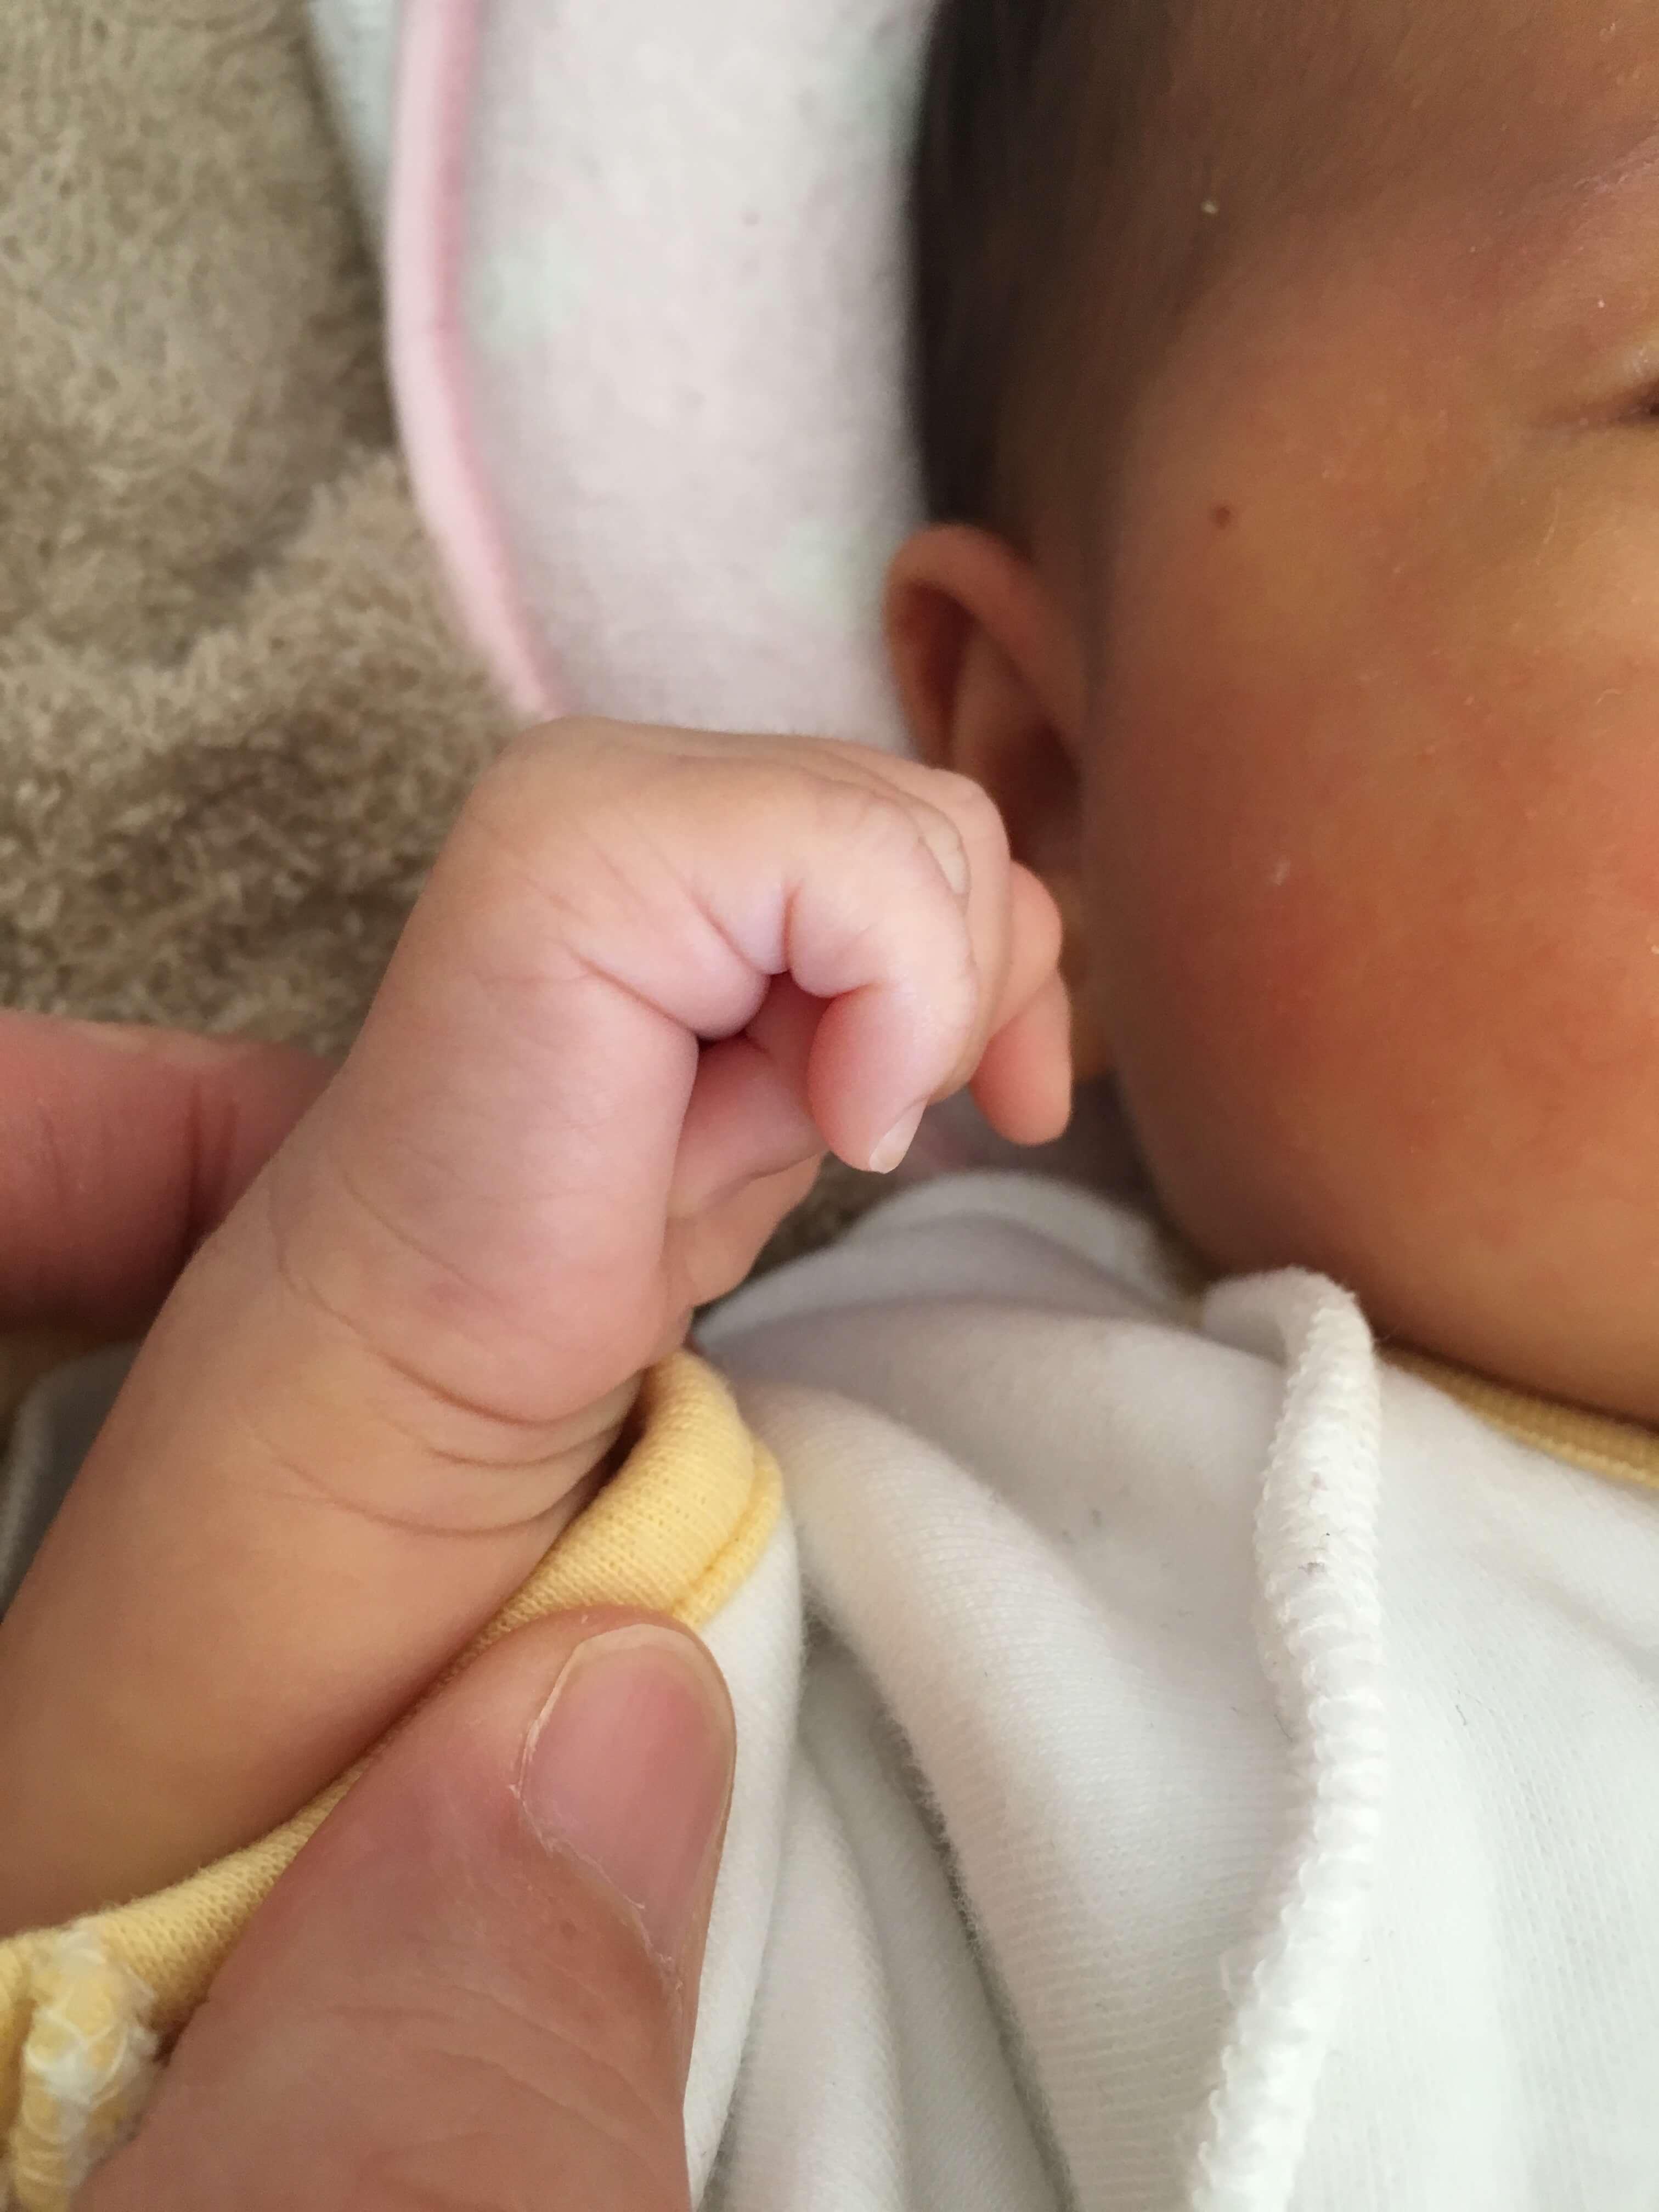 新生児落屑が治った 手の裏